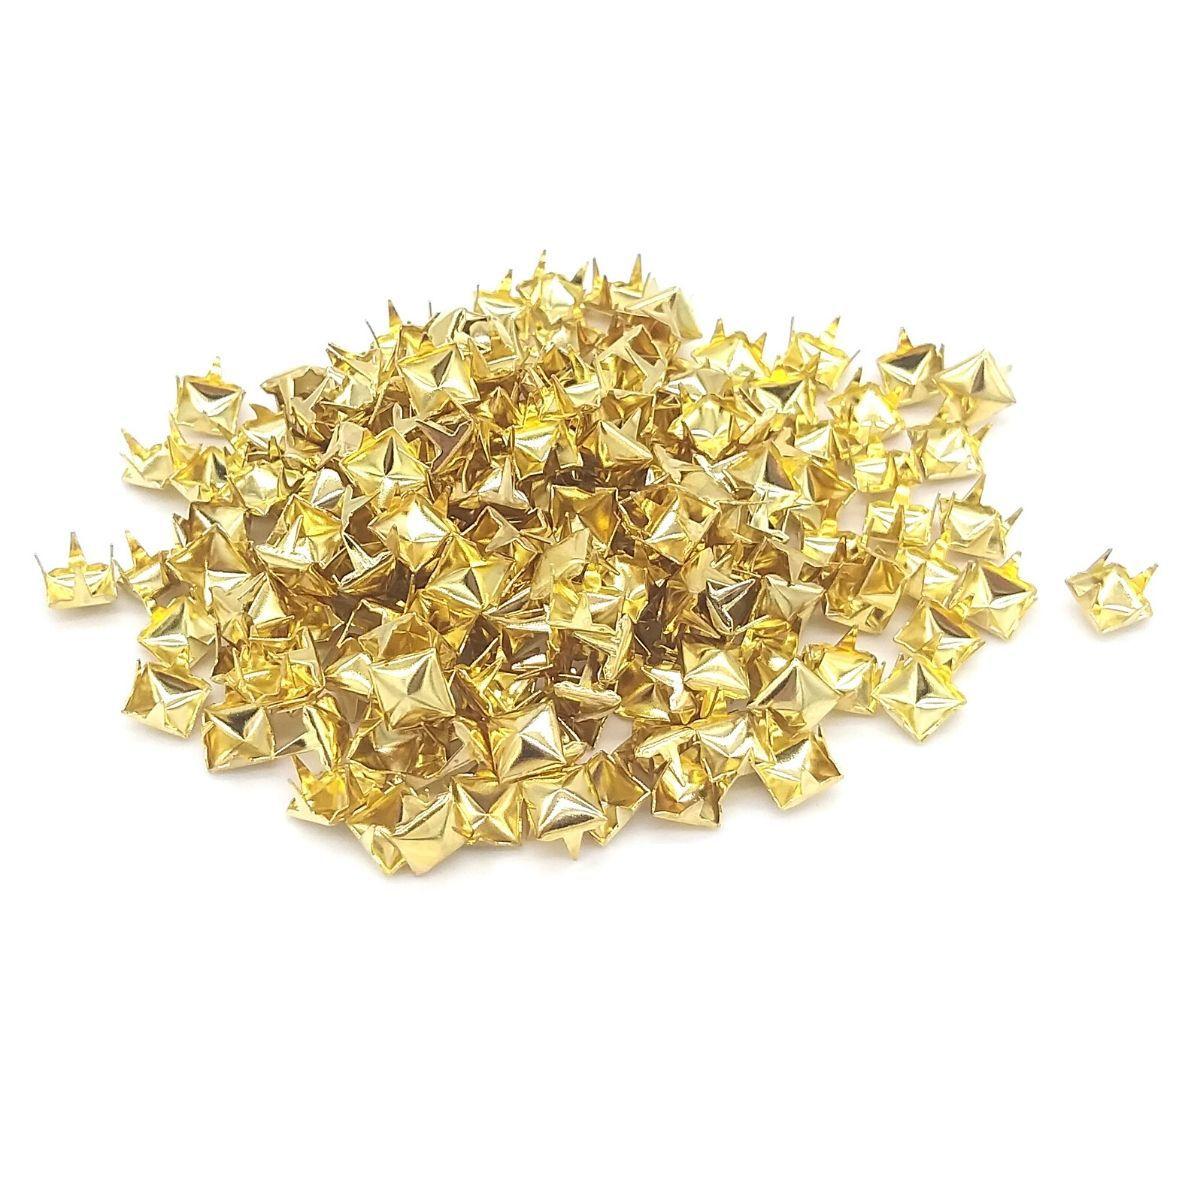 Tacha Confecção Pirâmide Dourado Baxmann 200 unidades